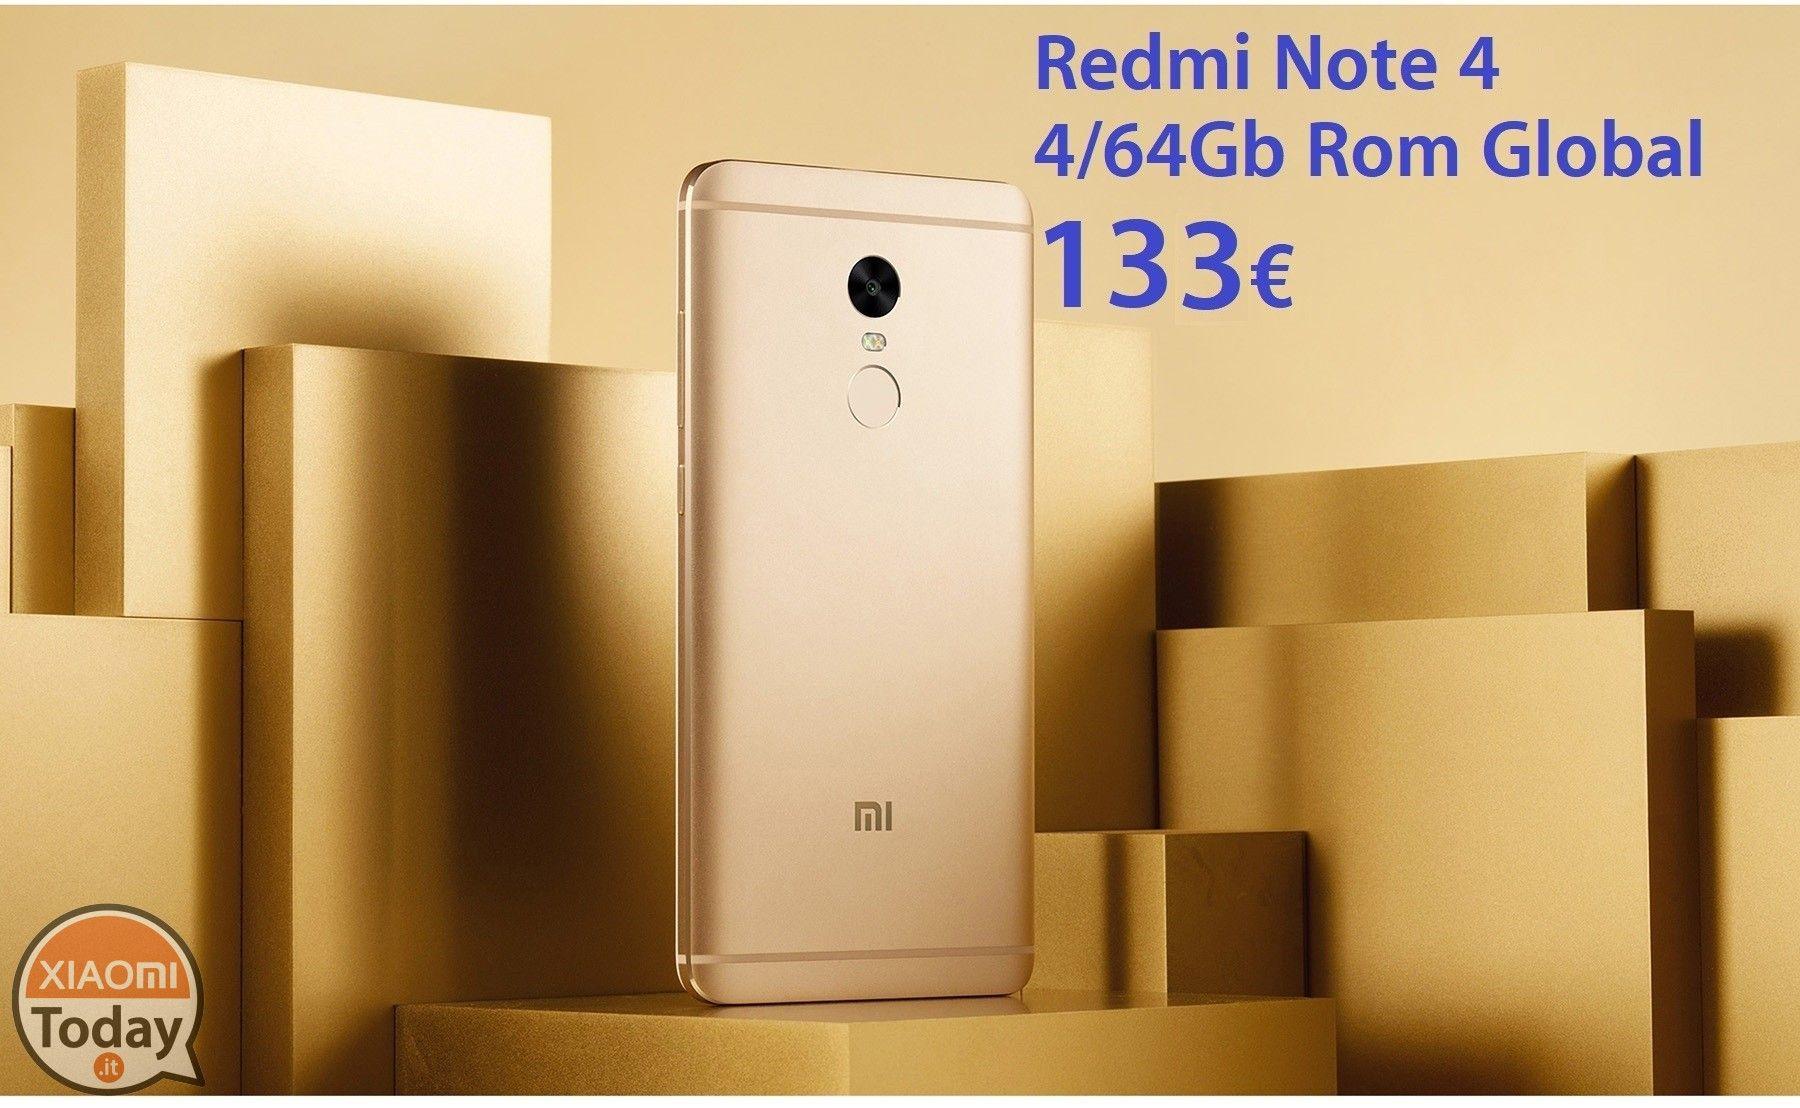 [Codice Sconto] Redmi Note 4x 3/32Gb Black con Rom Global a 125€ e 4/64Gb a SOLI 133€ Spedizione e Dogana inclusi #Xiaomi #4XAndroid6 #MIUI #Offerta #Redmi #RedMiNote #RedmiNote4 #RedmiNote4X #Xiaomi https://www.xiaomitoday.it/?p=19528